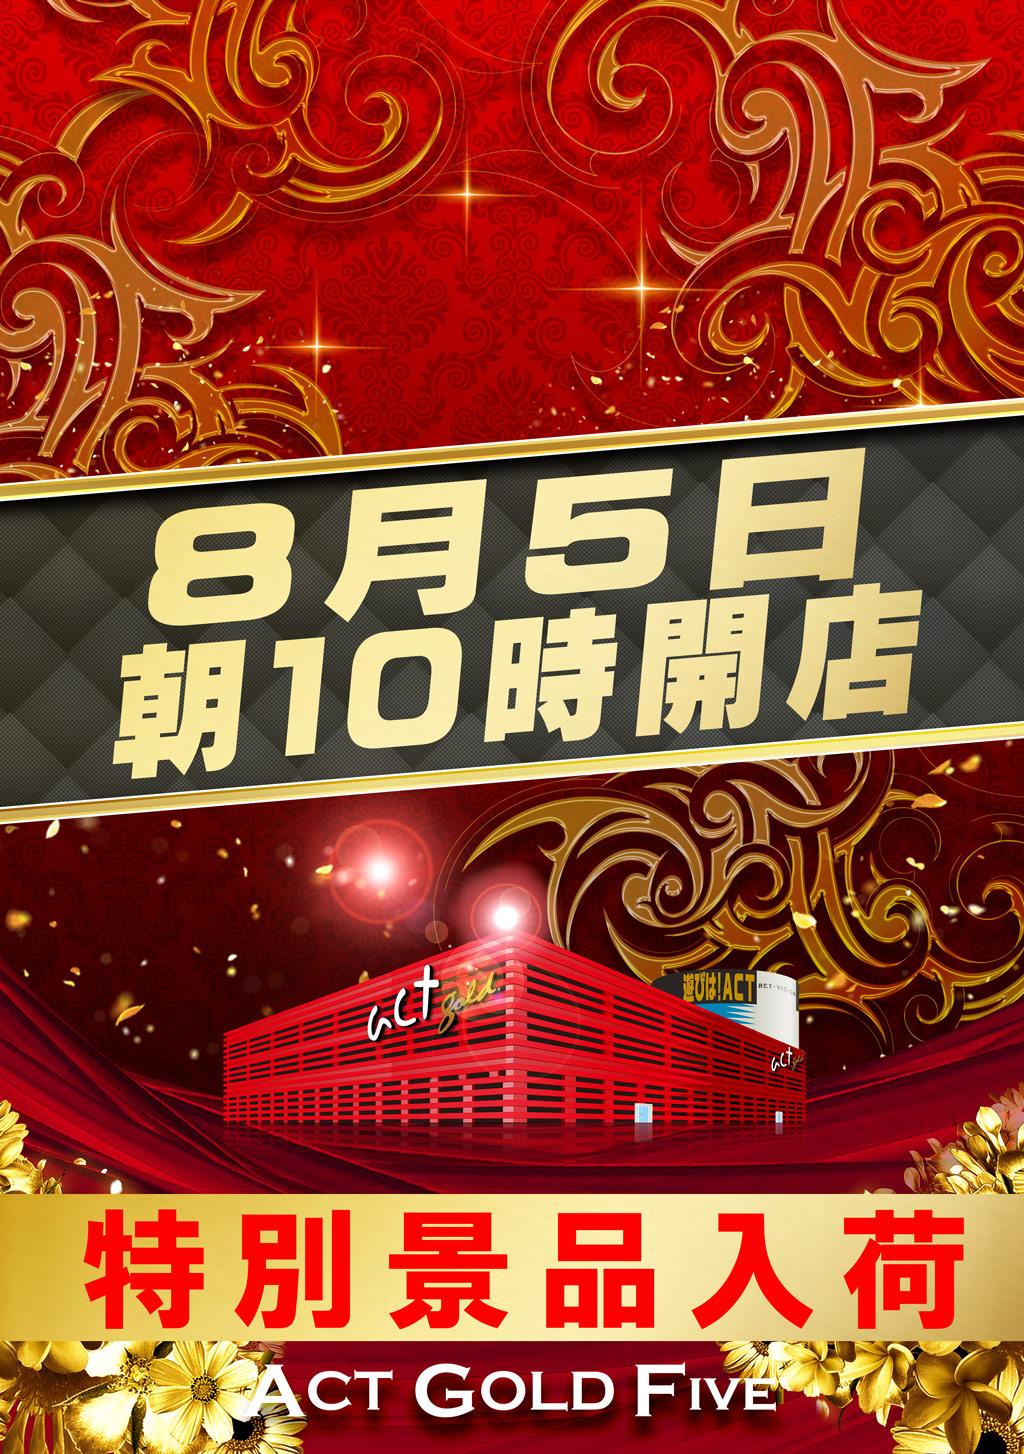 6月14,15,16,17日連日10時開店!!